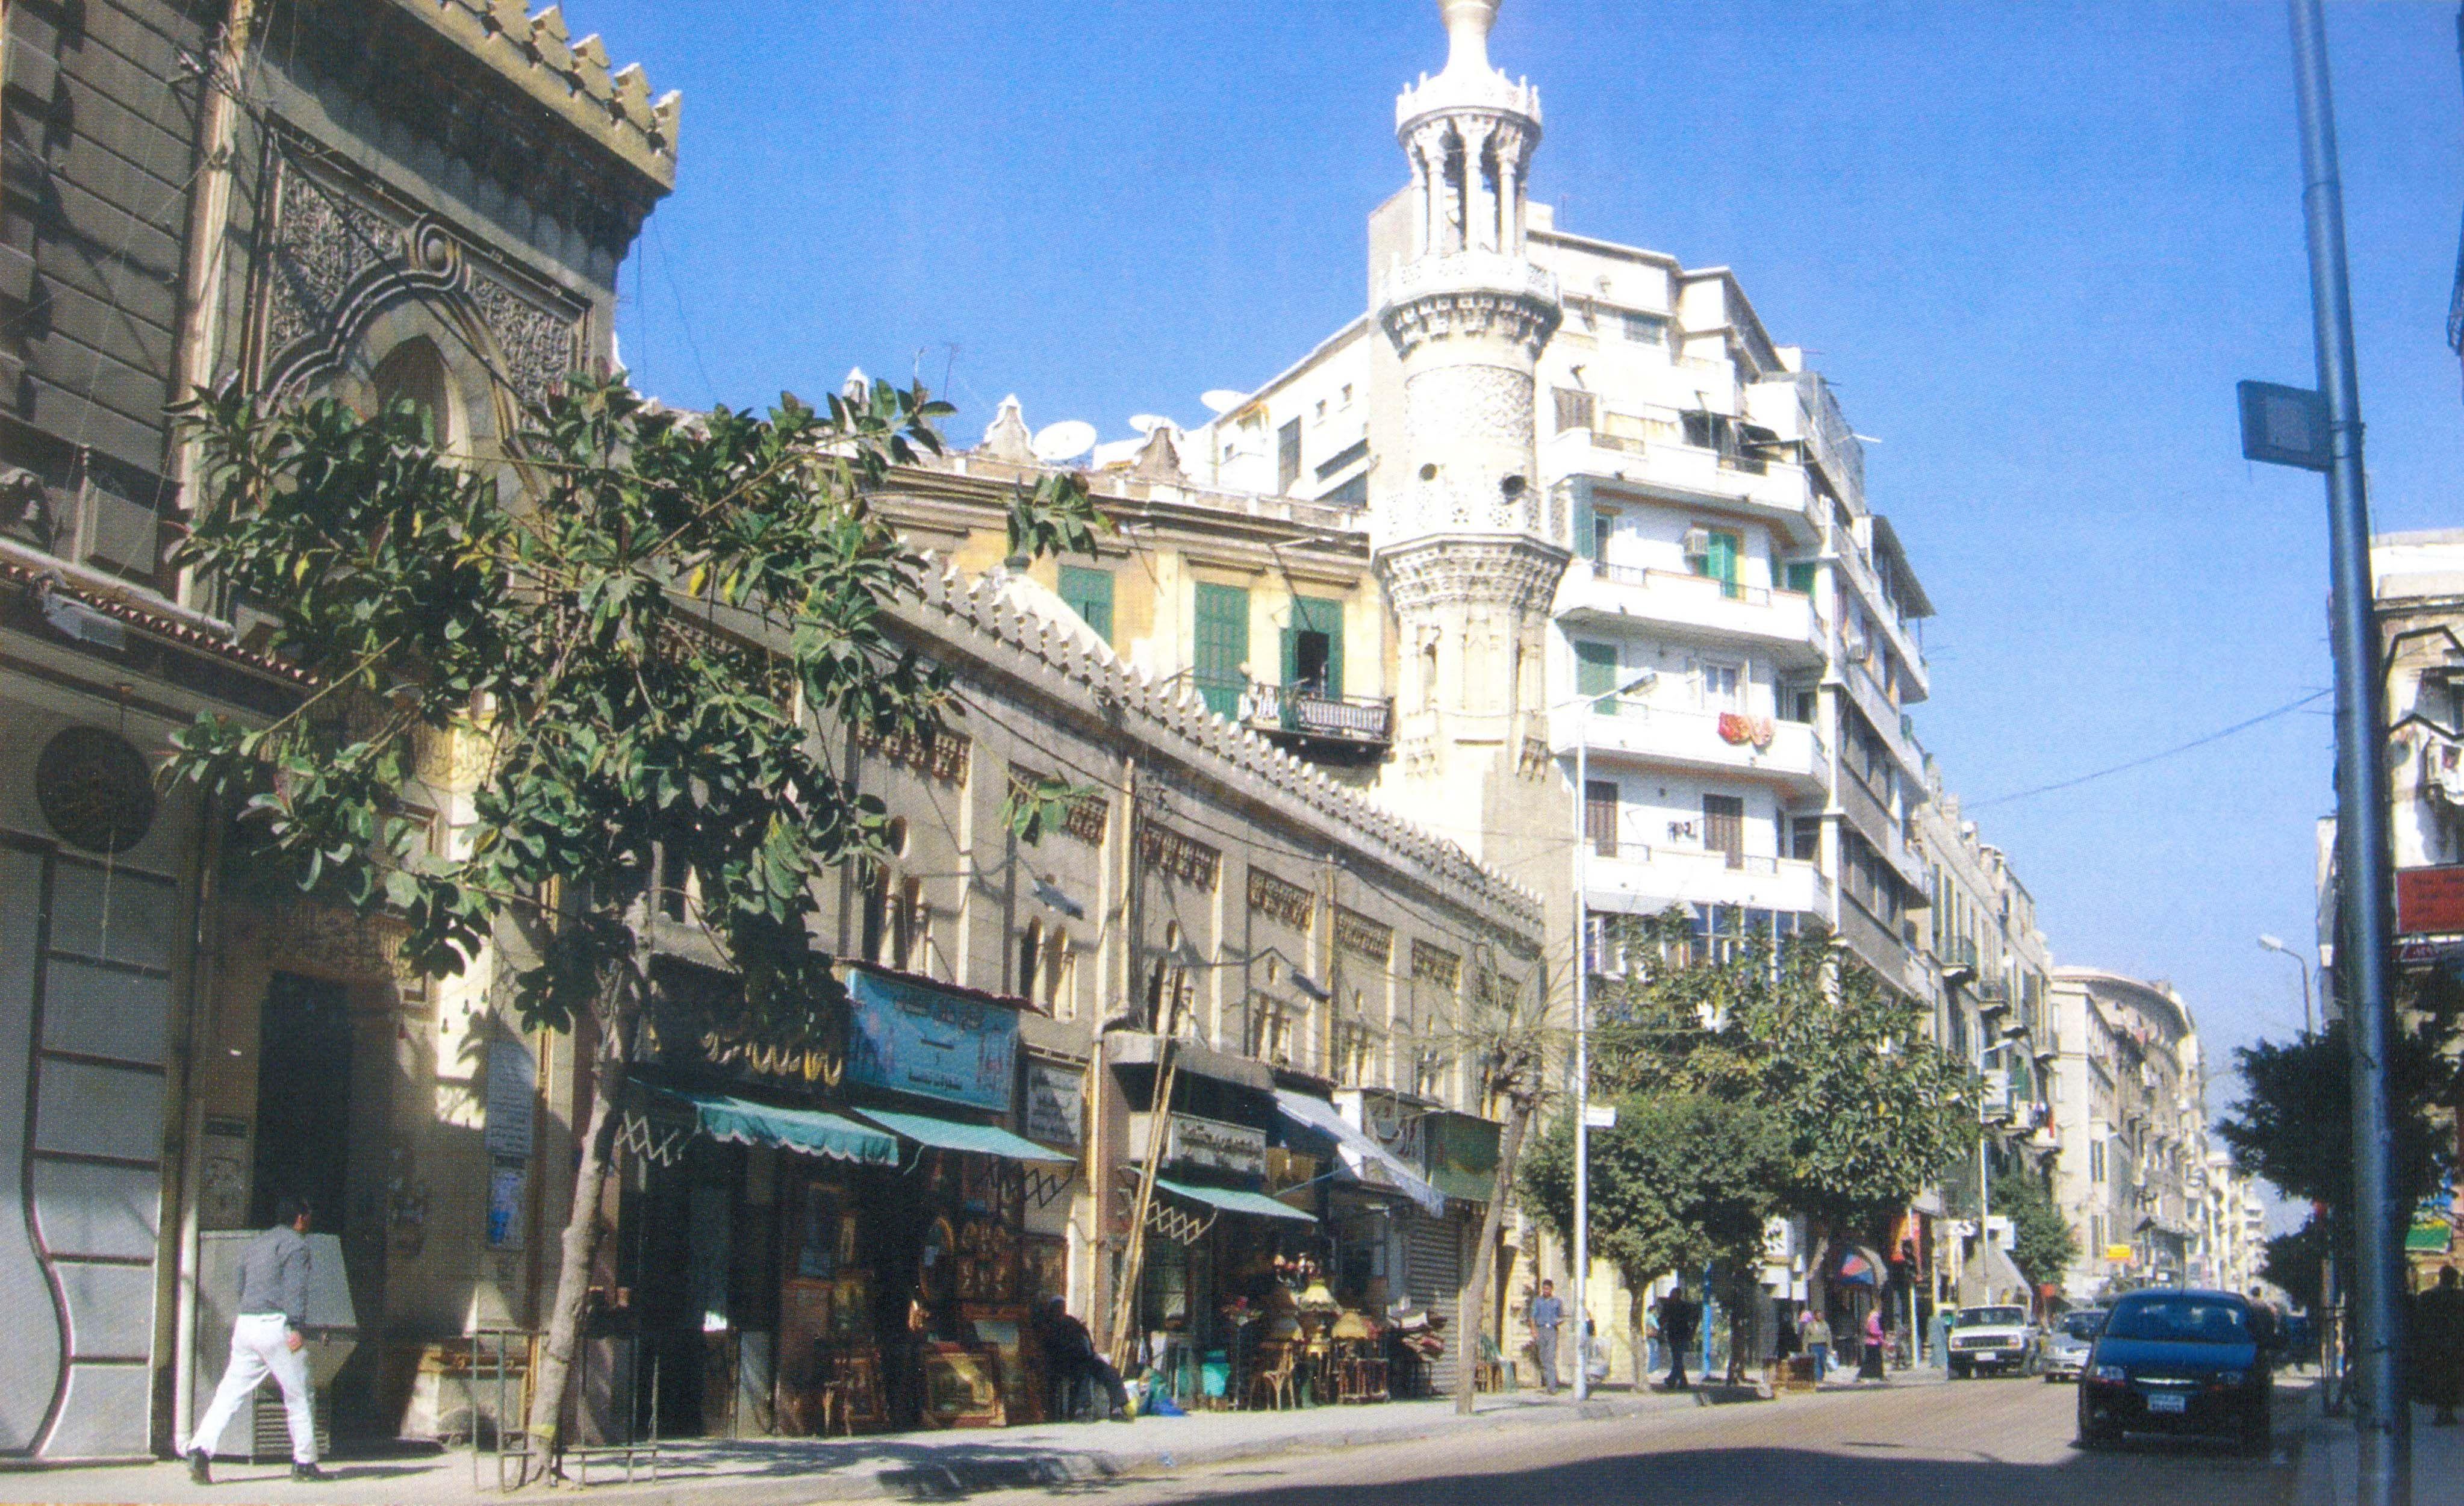 منطقة مسجد العطارين فى الاسكندرية فترة التسعينيات